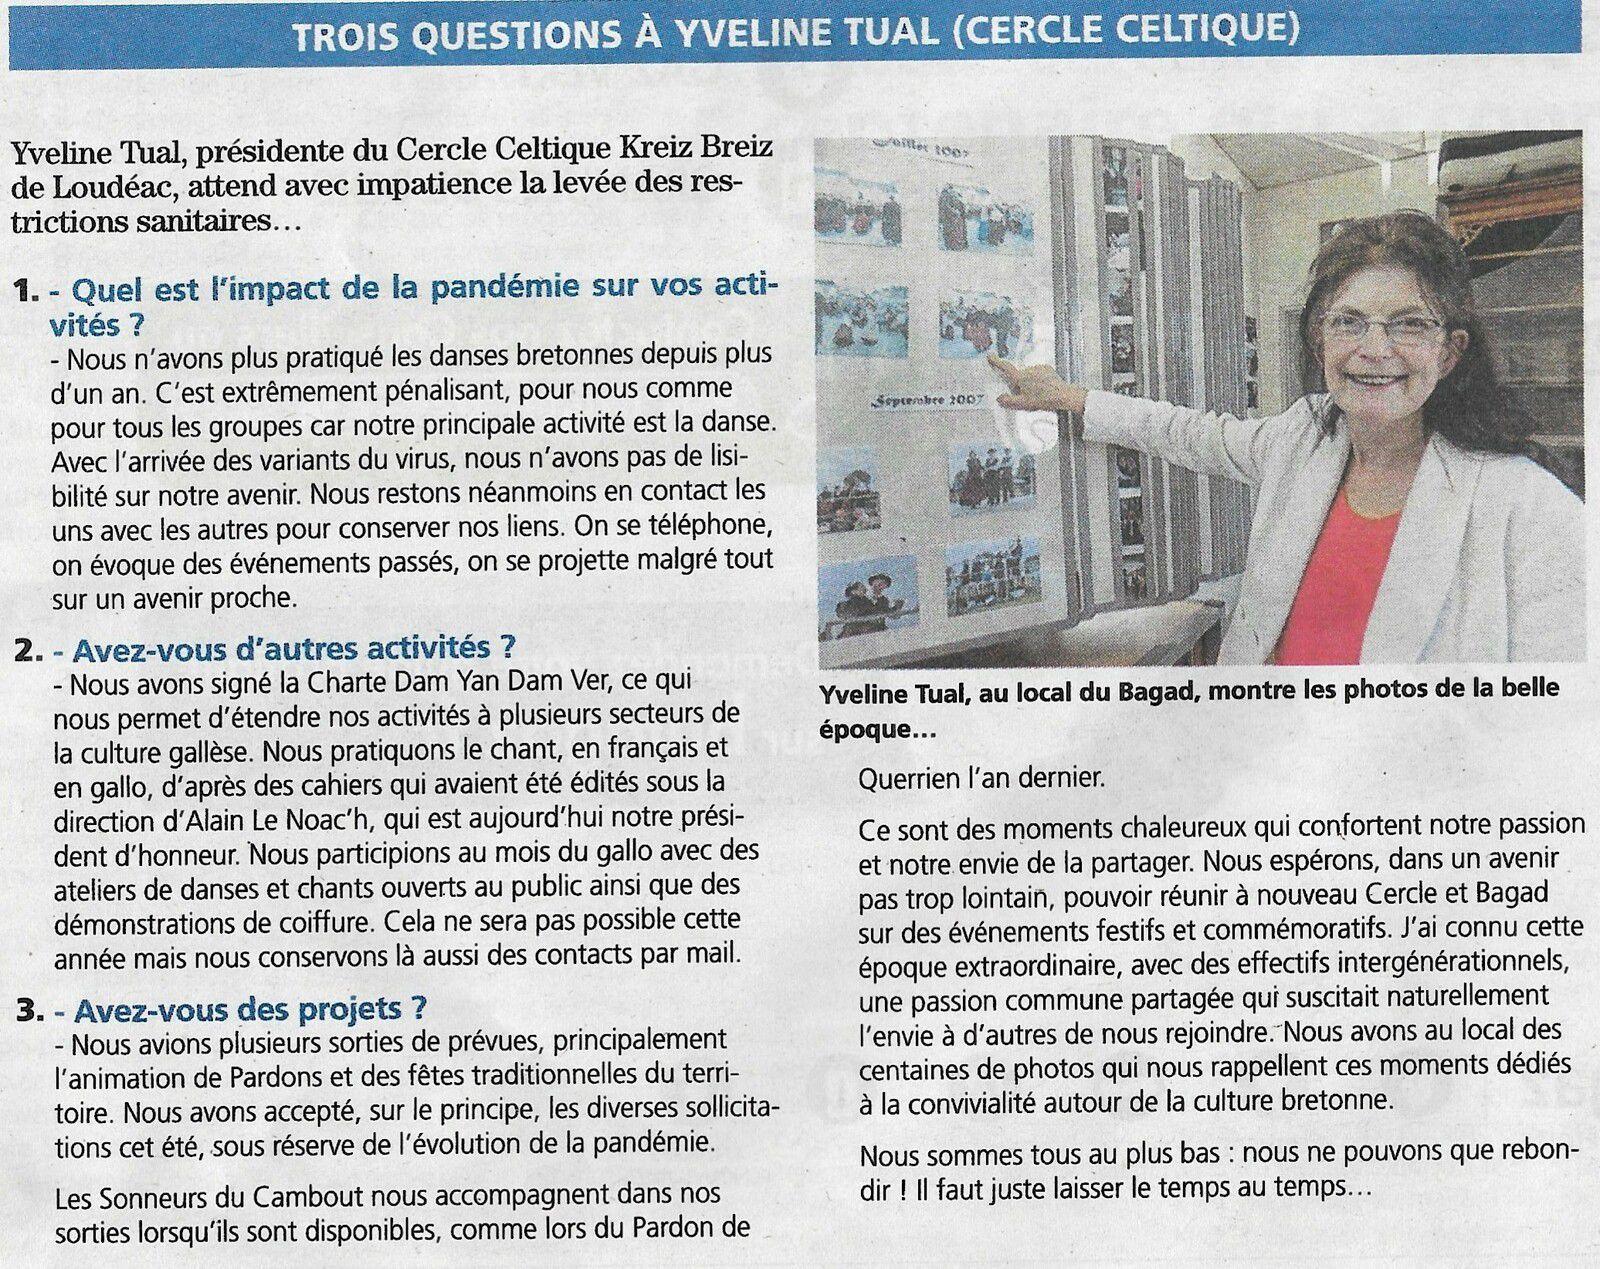 Trois questions à Yveline TUAL, présidente du Cercle Celtique Kreiz Breiz de Loudéac